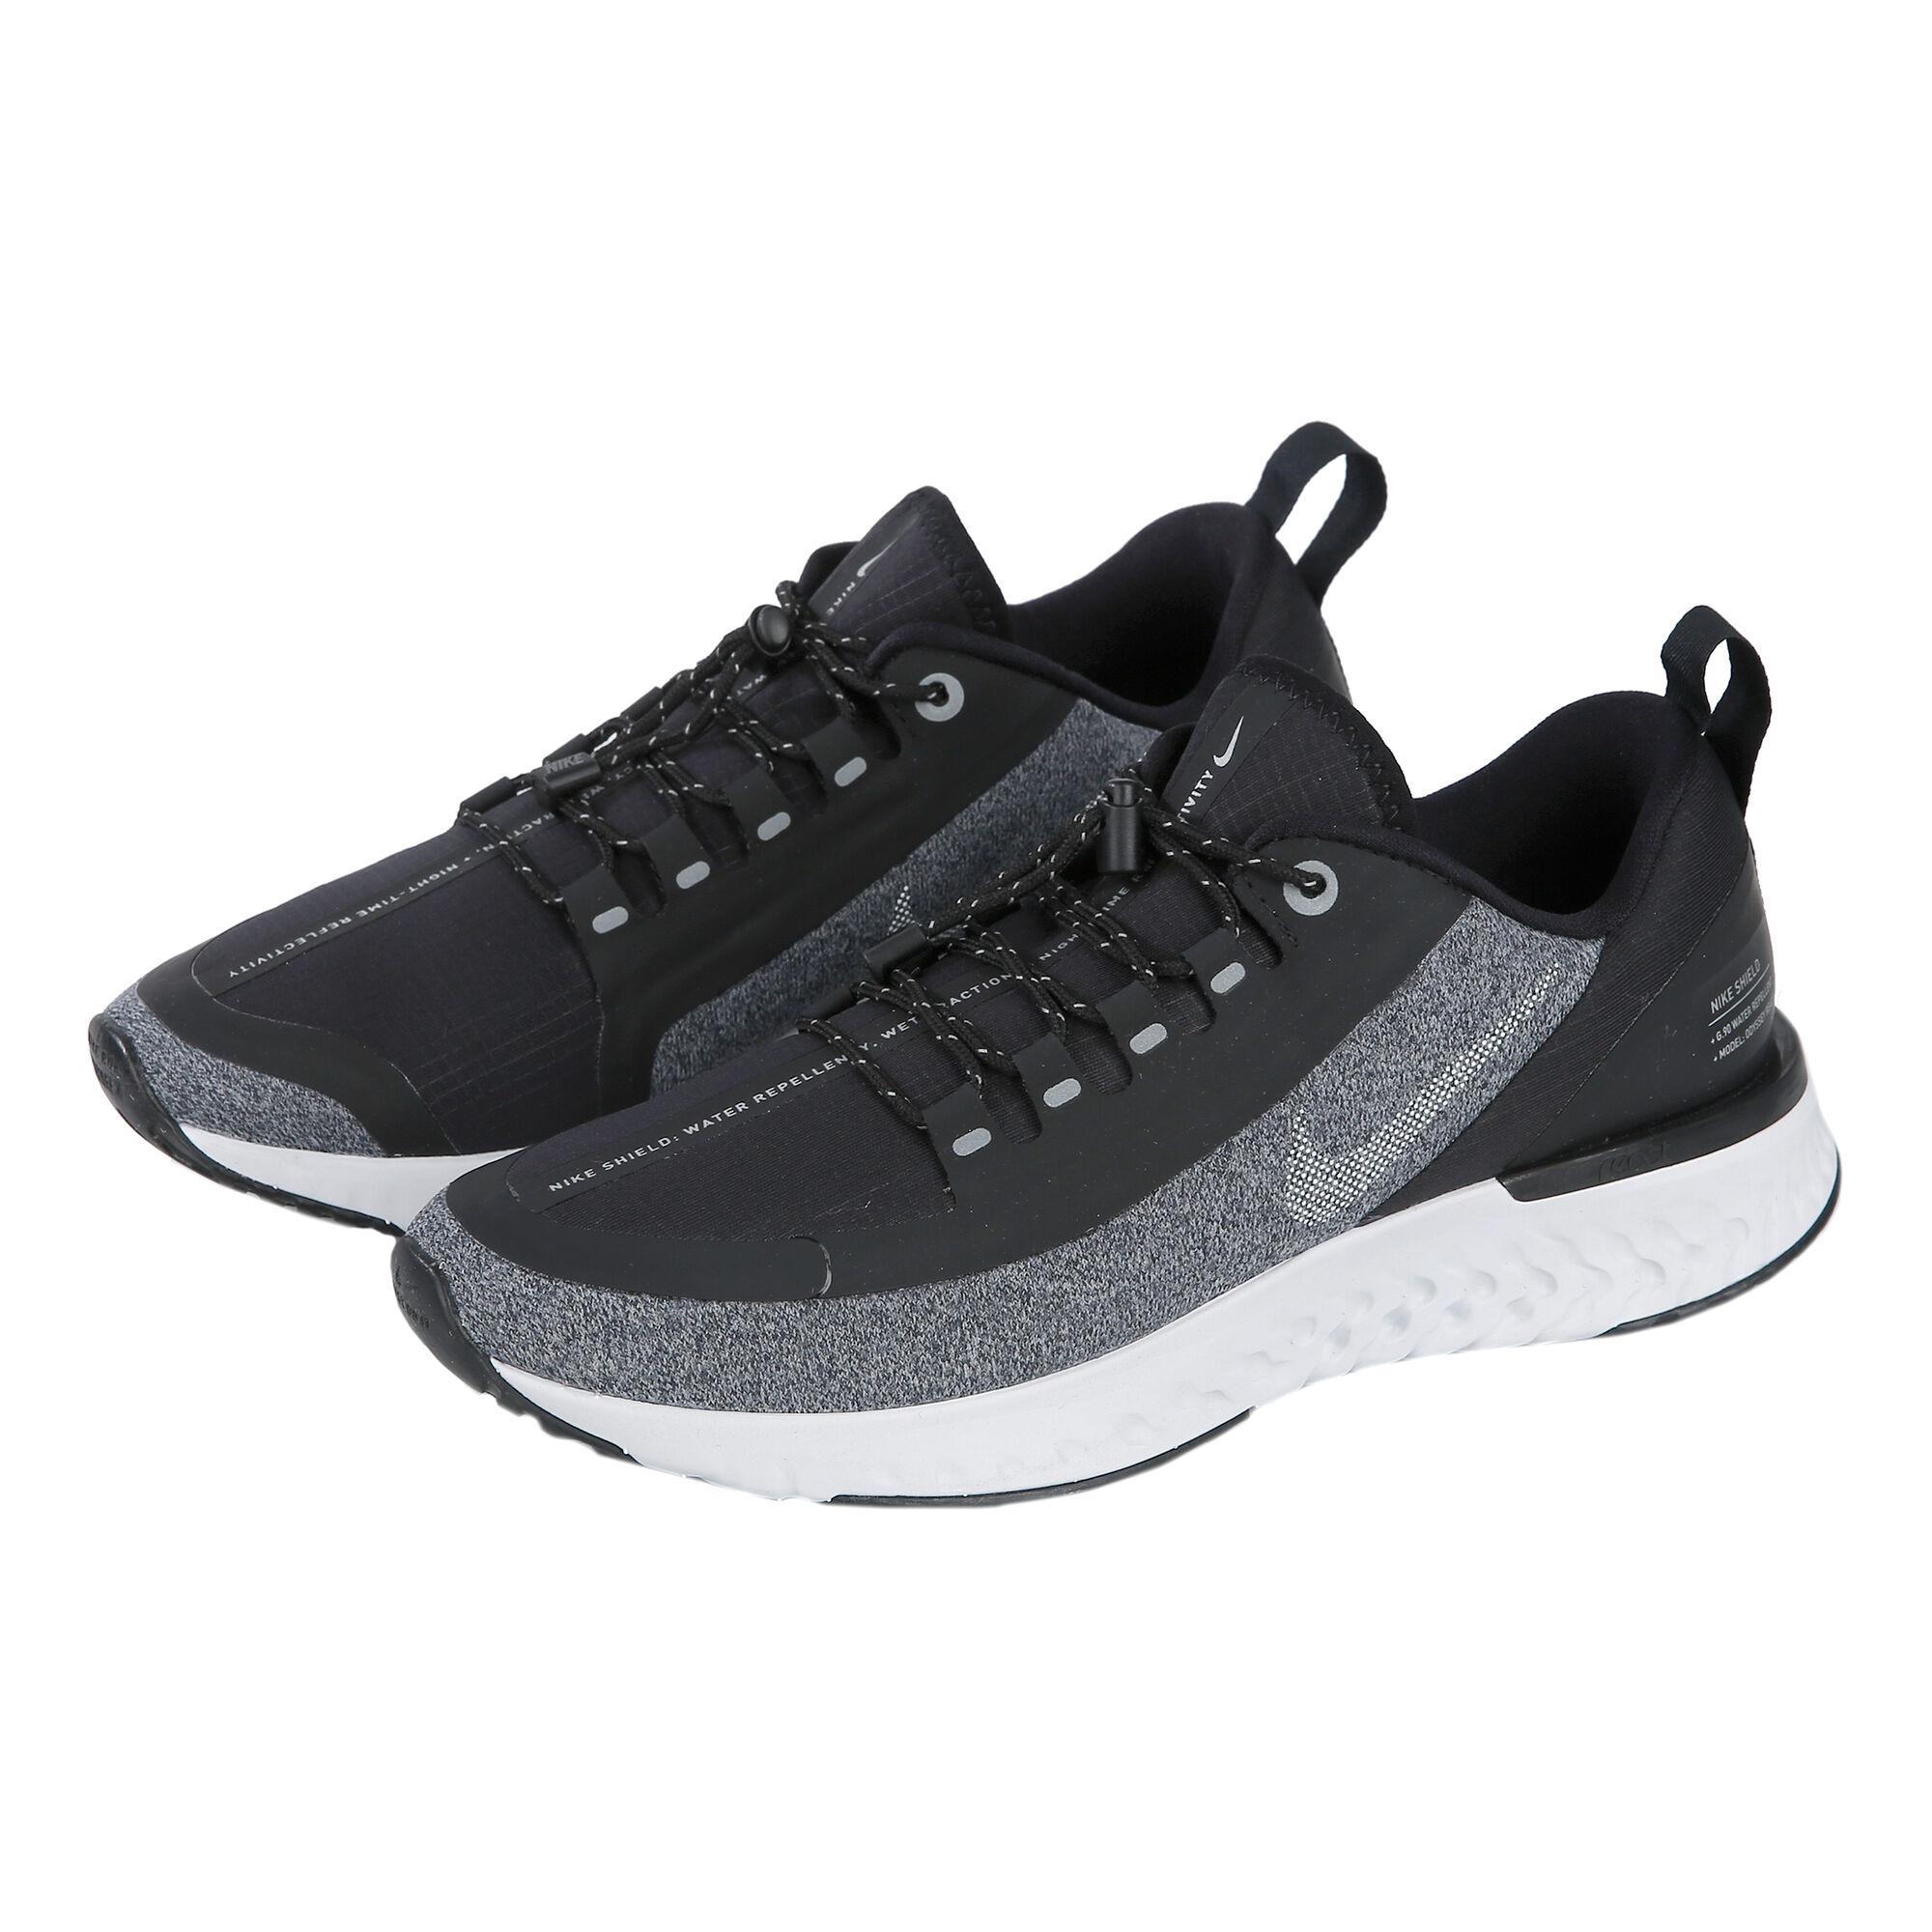 a0264482a868 ... Nike  Nike  Nike  Nike  Nike  Nike. Odyssey React Shield Women ...